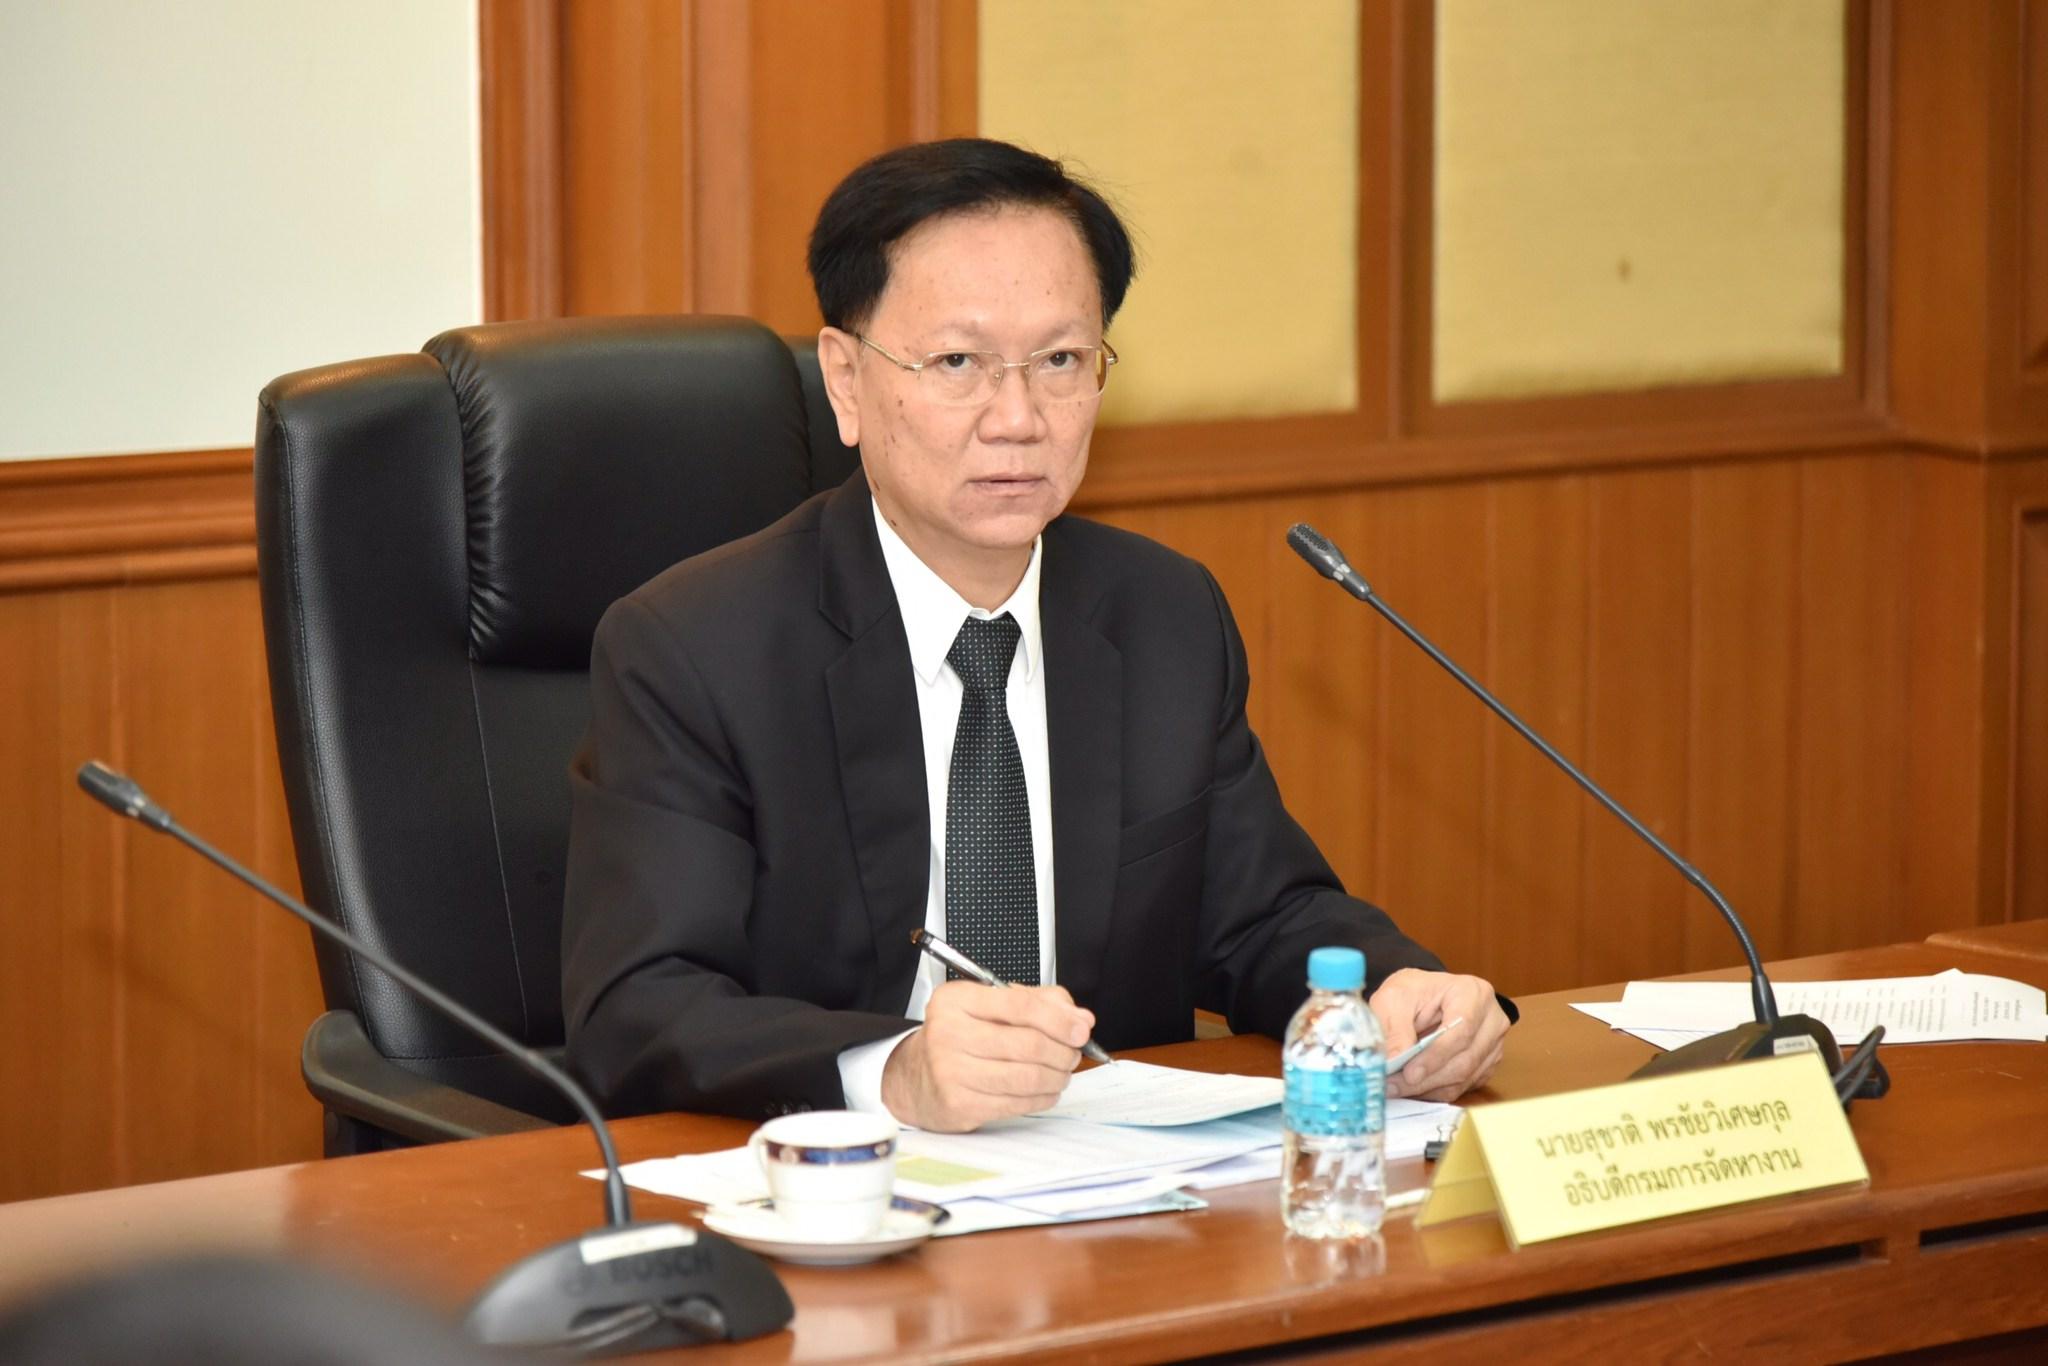 """อธิบดีกกจ. พร้อมผู้บริหารกรมการจัดหางานประชุมติดตามความคืบหน้าการจัดงาน """"JOB EXPO THAILAND 2020"""""""